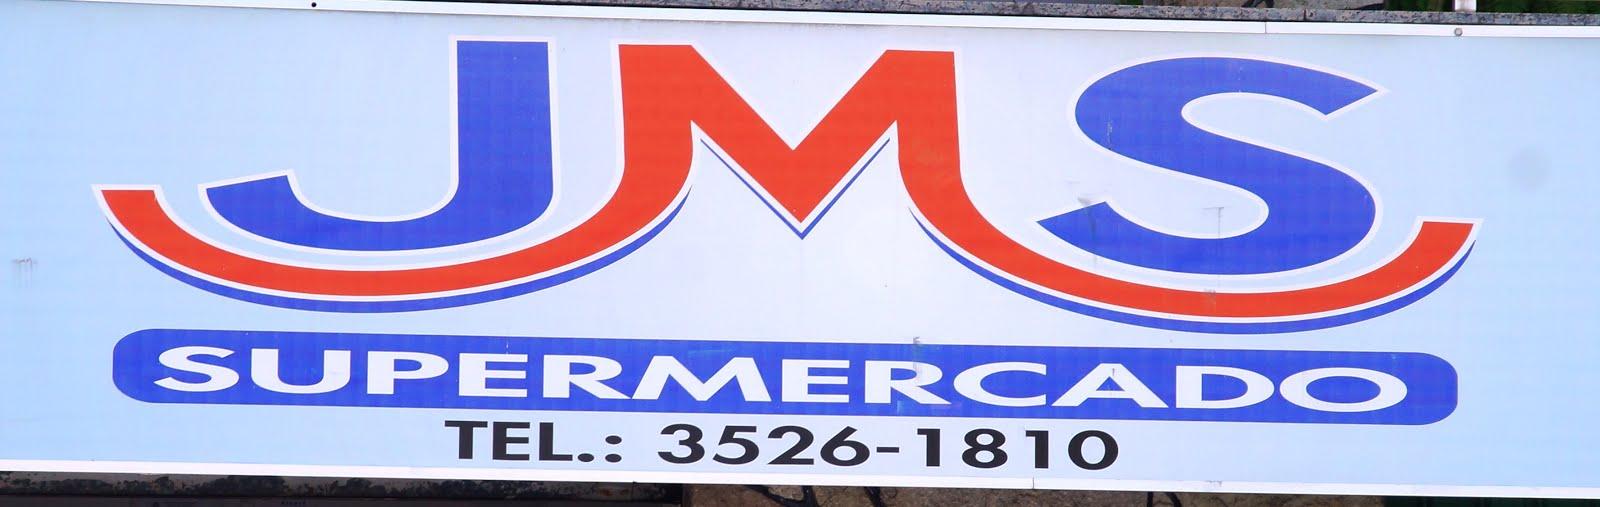 JMS Supermercado